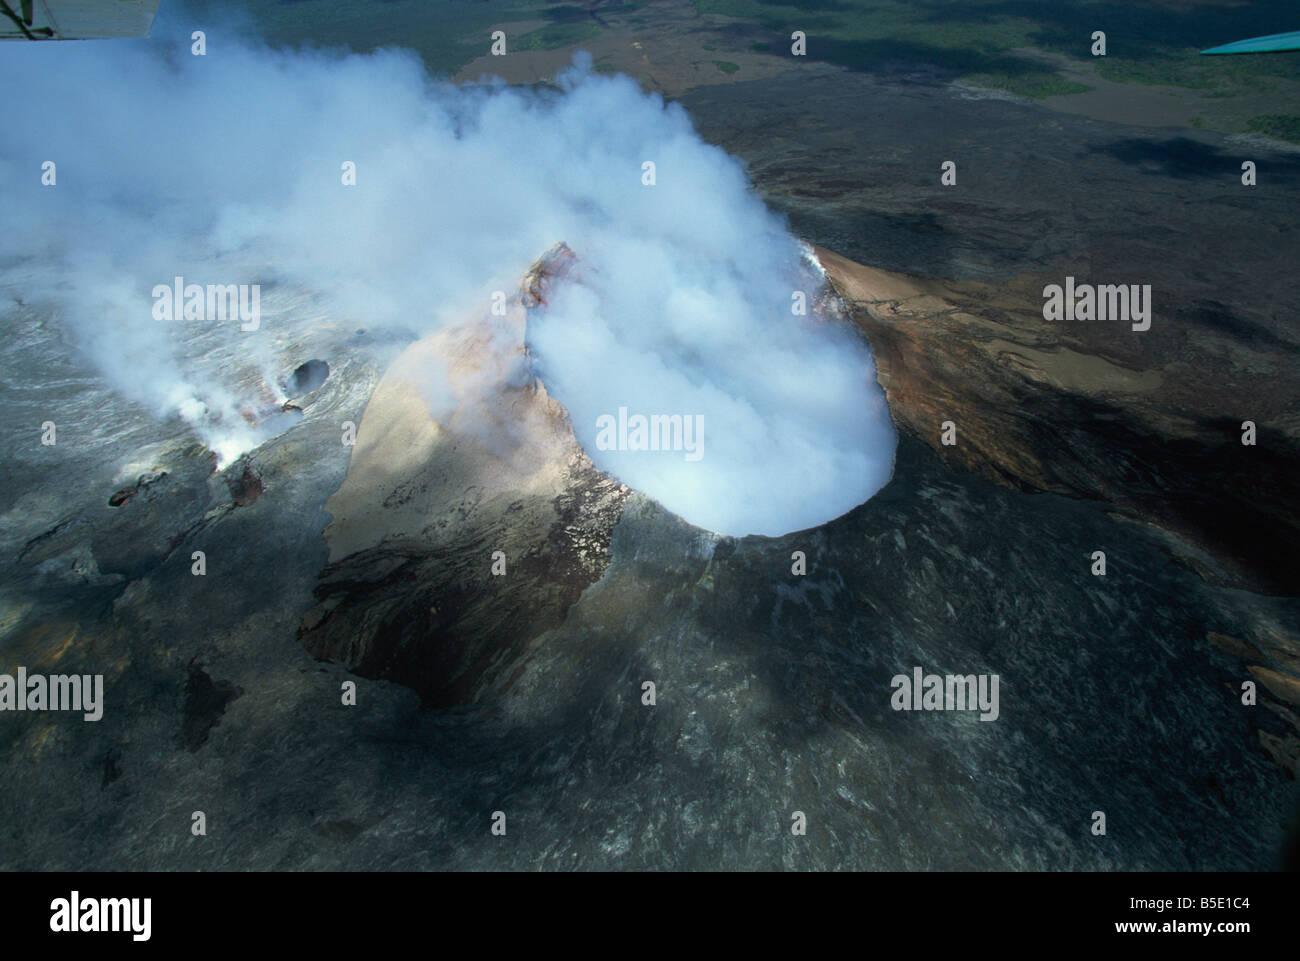 The Pu'u O'o cinder cone, Kilauea volcano, Big Island, Hawaii, Hawaiian Islands - Stock Image